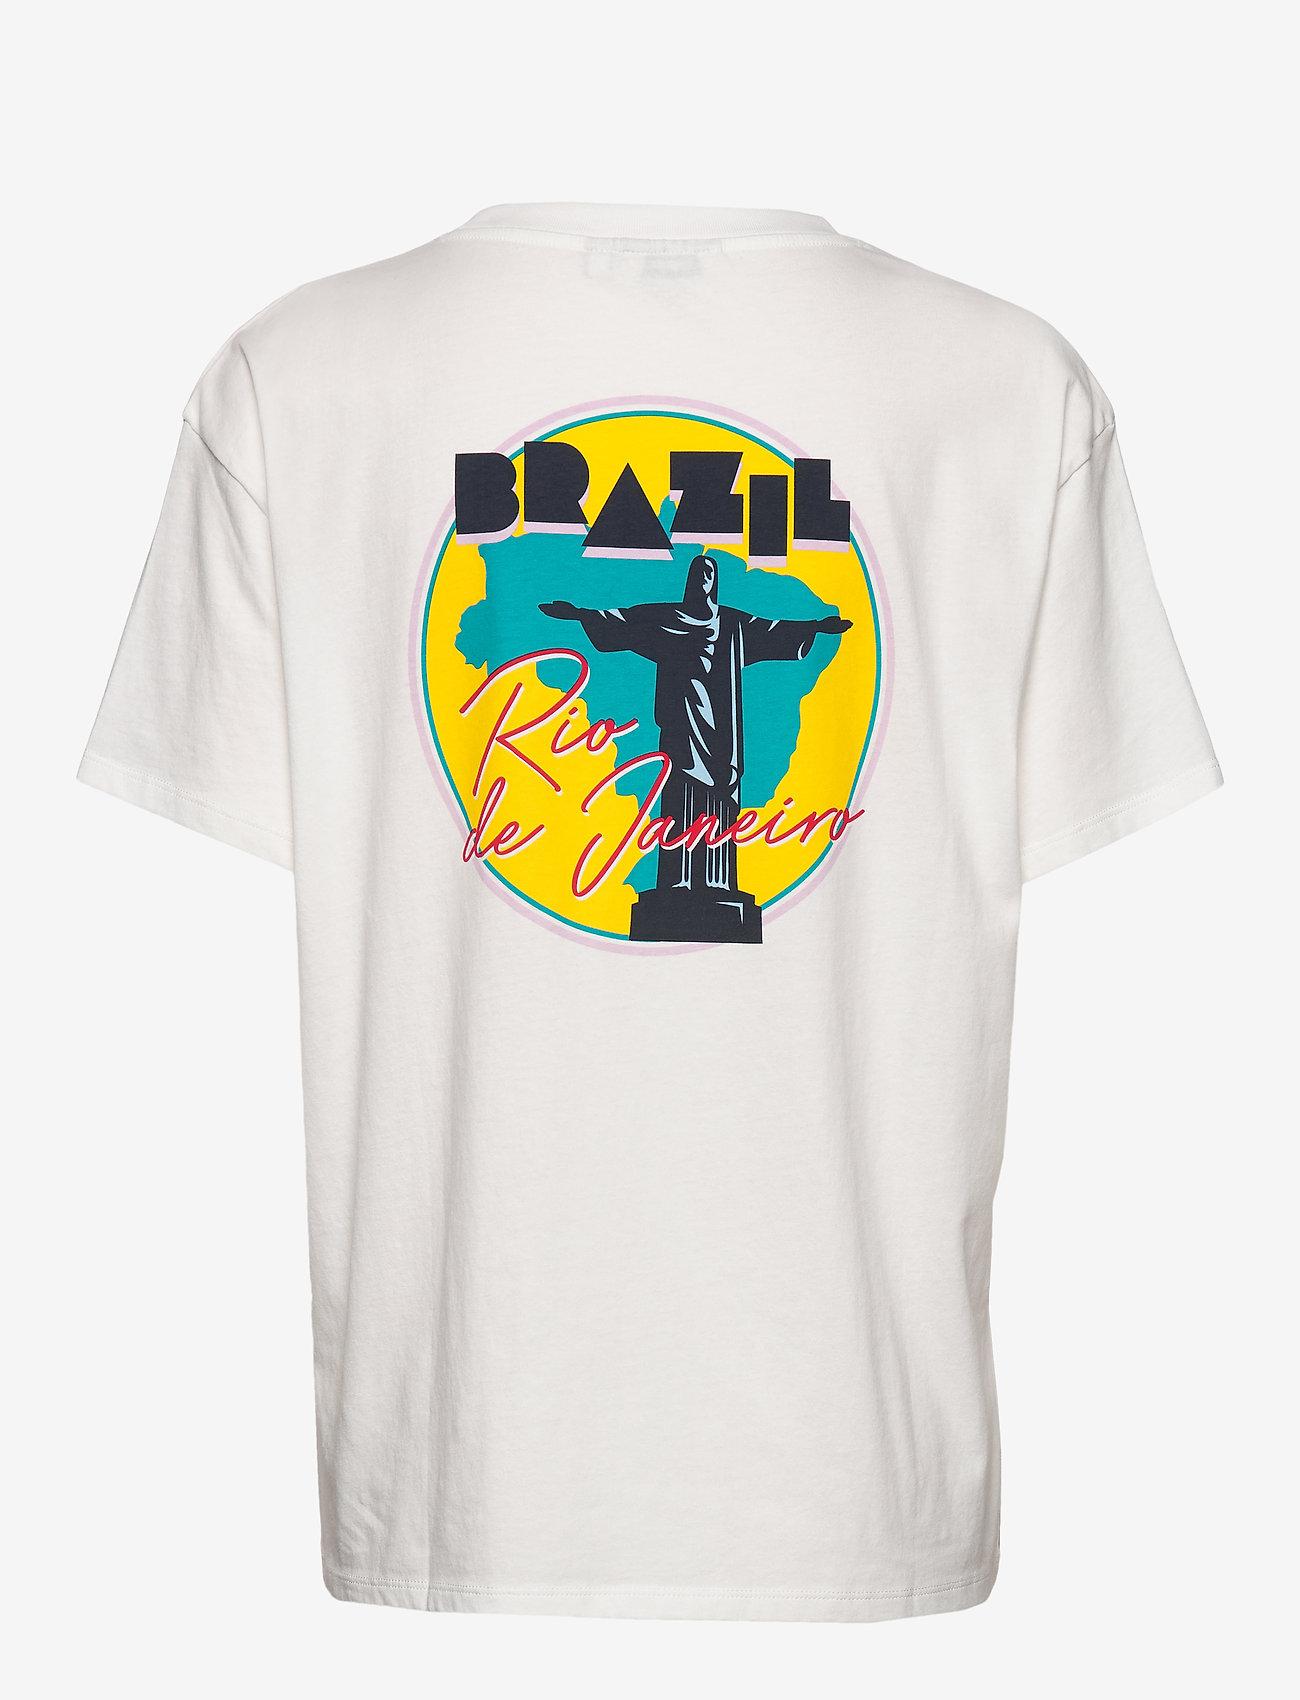 Wrangler - BOYFRIEND TEE - logo t-shirts - off white